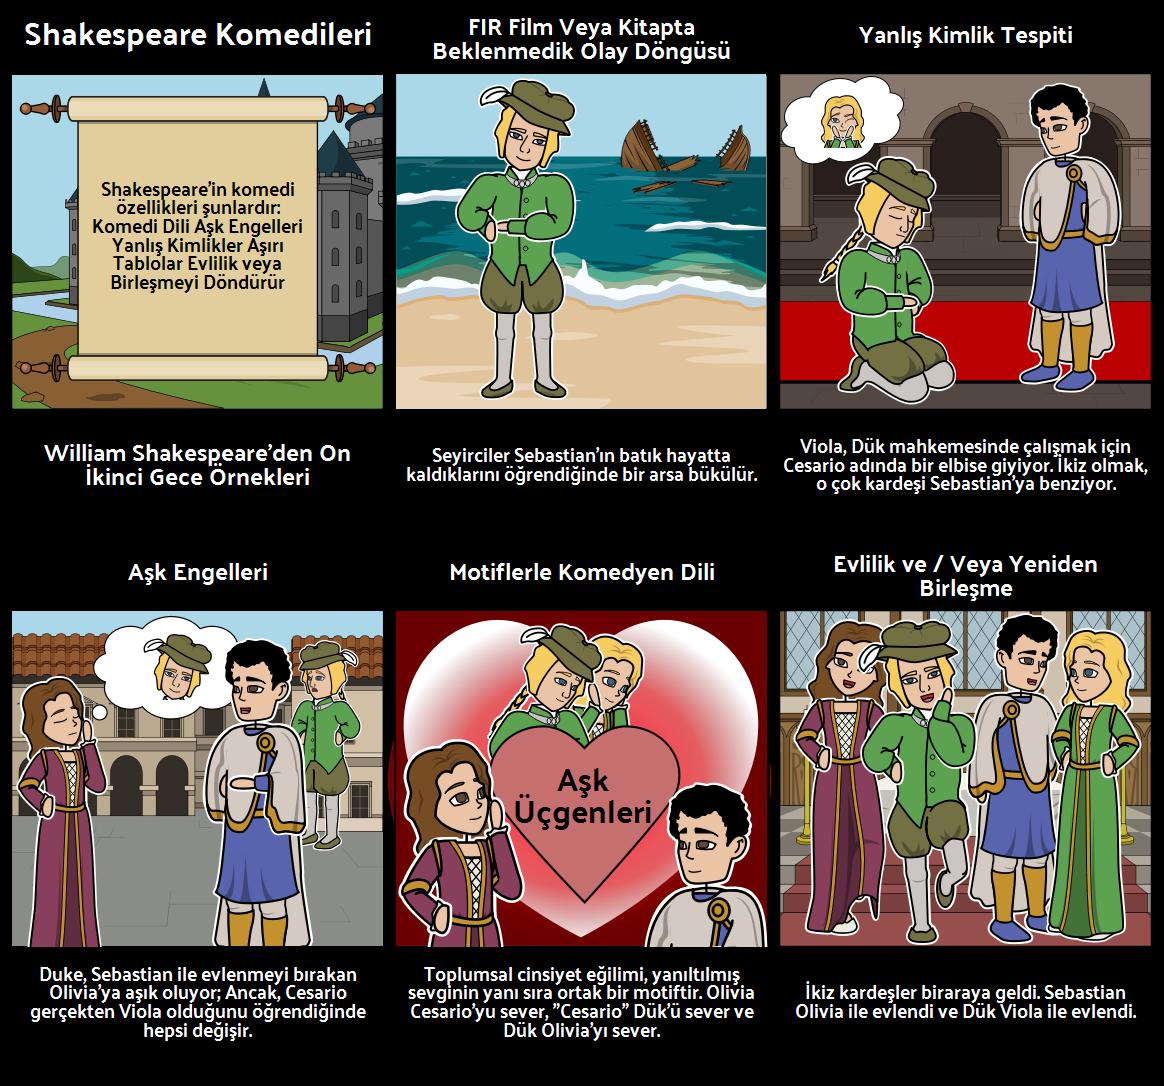 Shakespeare Komedilerinin Öğeleri - Onikinci Gece